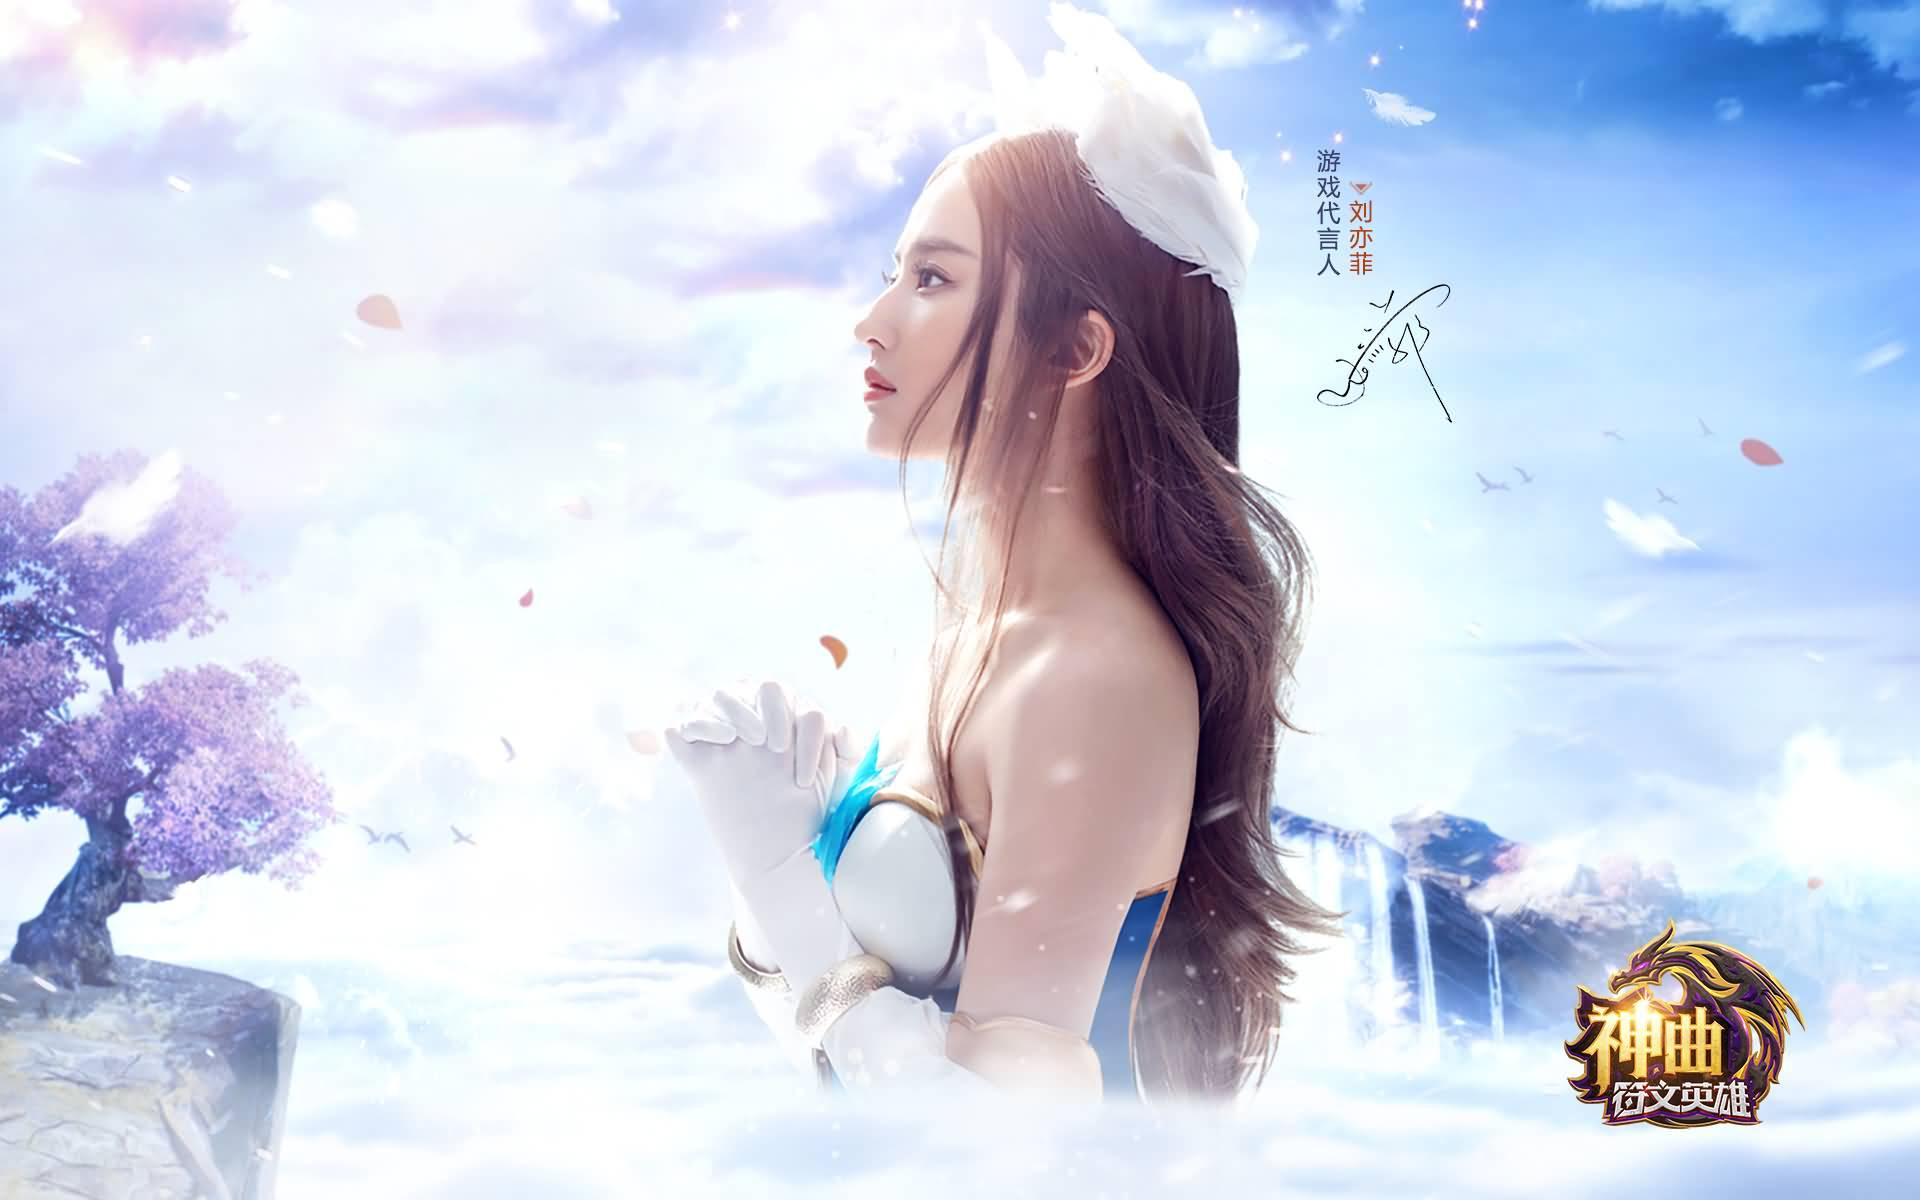 符文英雄发布会 《刘亦菲》[2016.6.24]